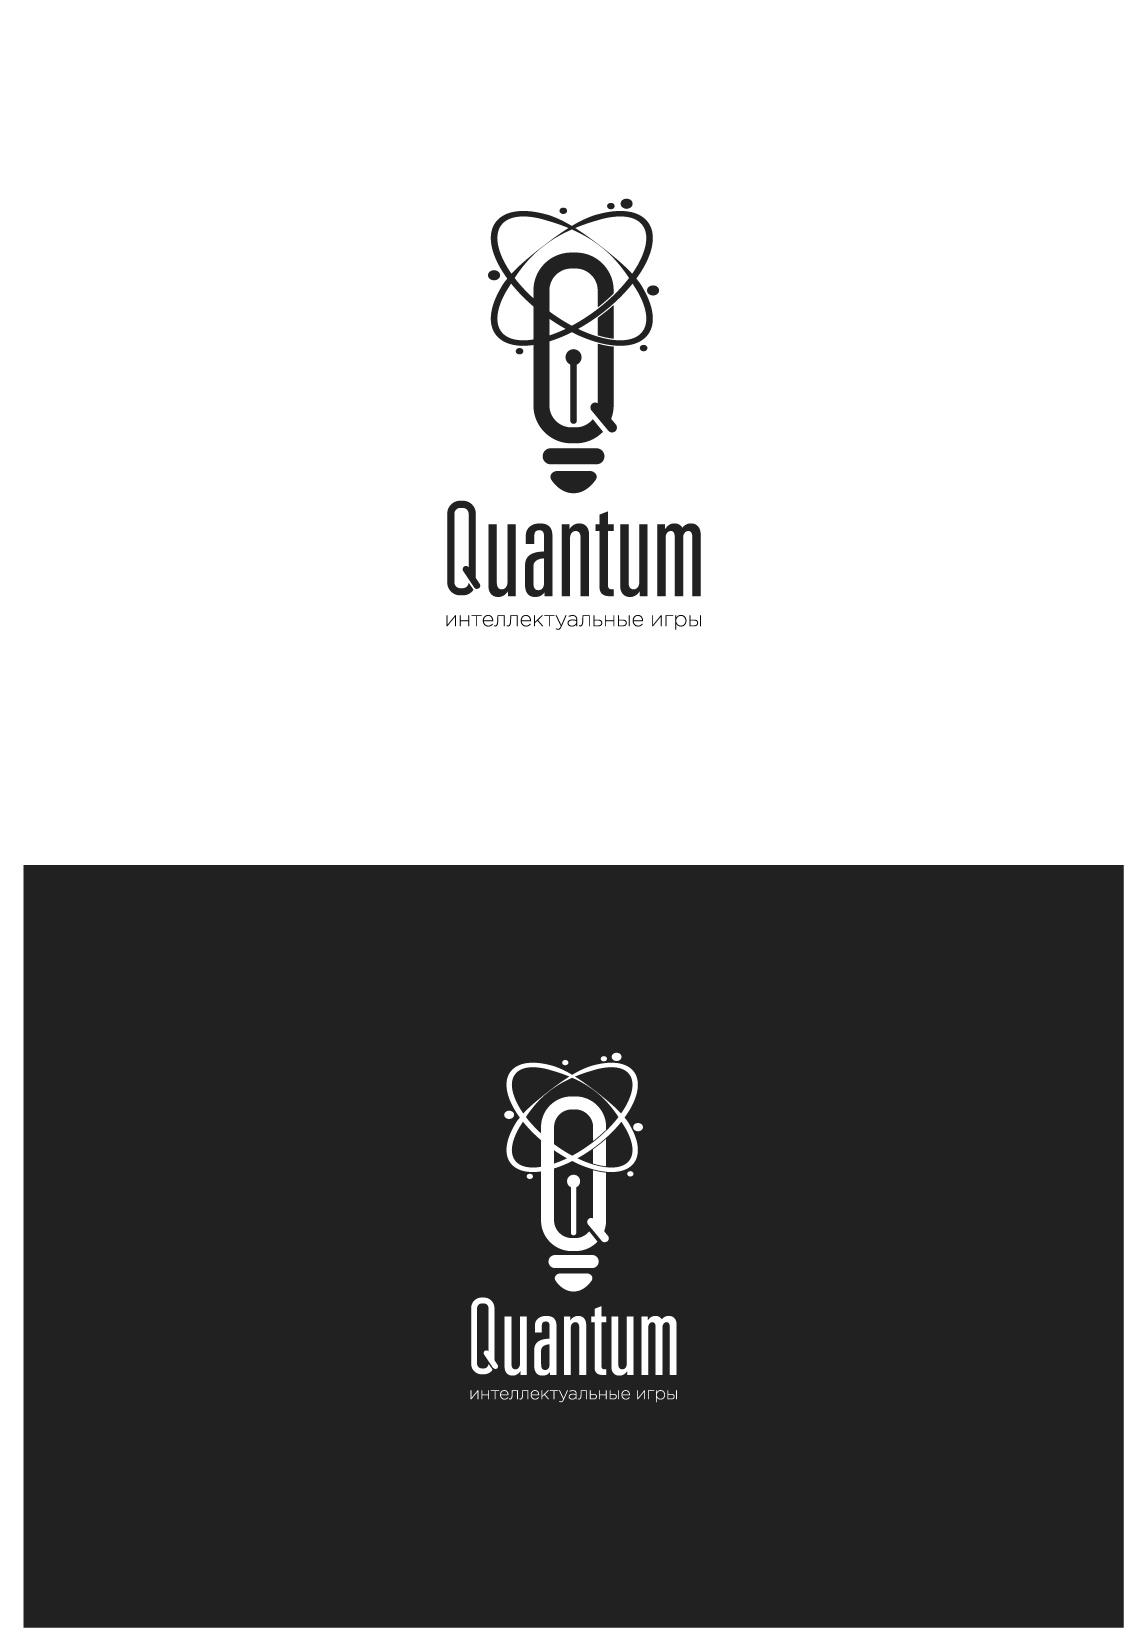 Редизайн логотипа бренда интеллектуальной игры фото f_0315bc881cf6f3a2.jpg